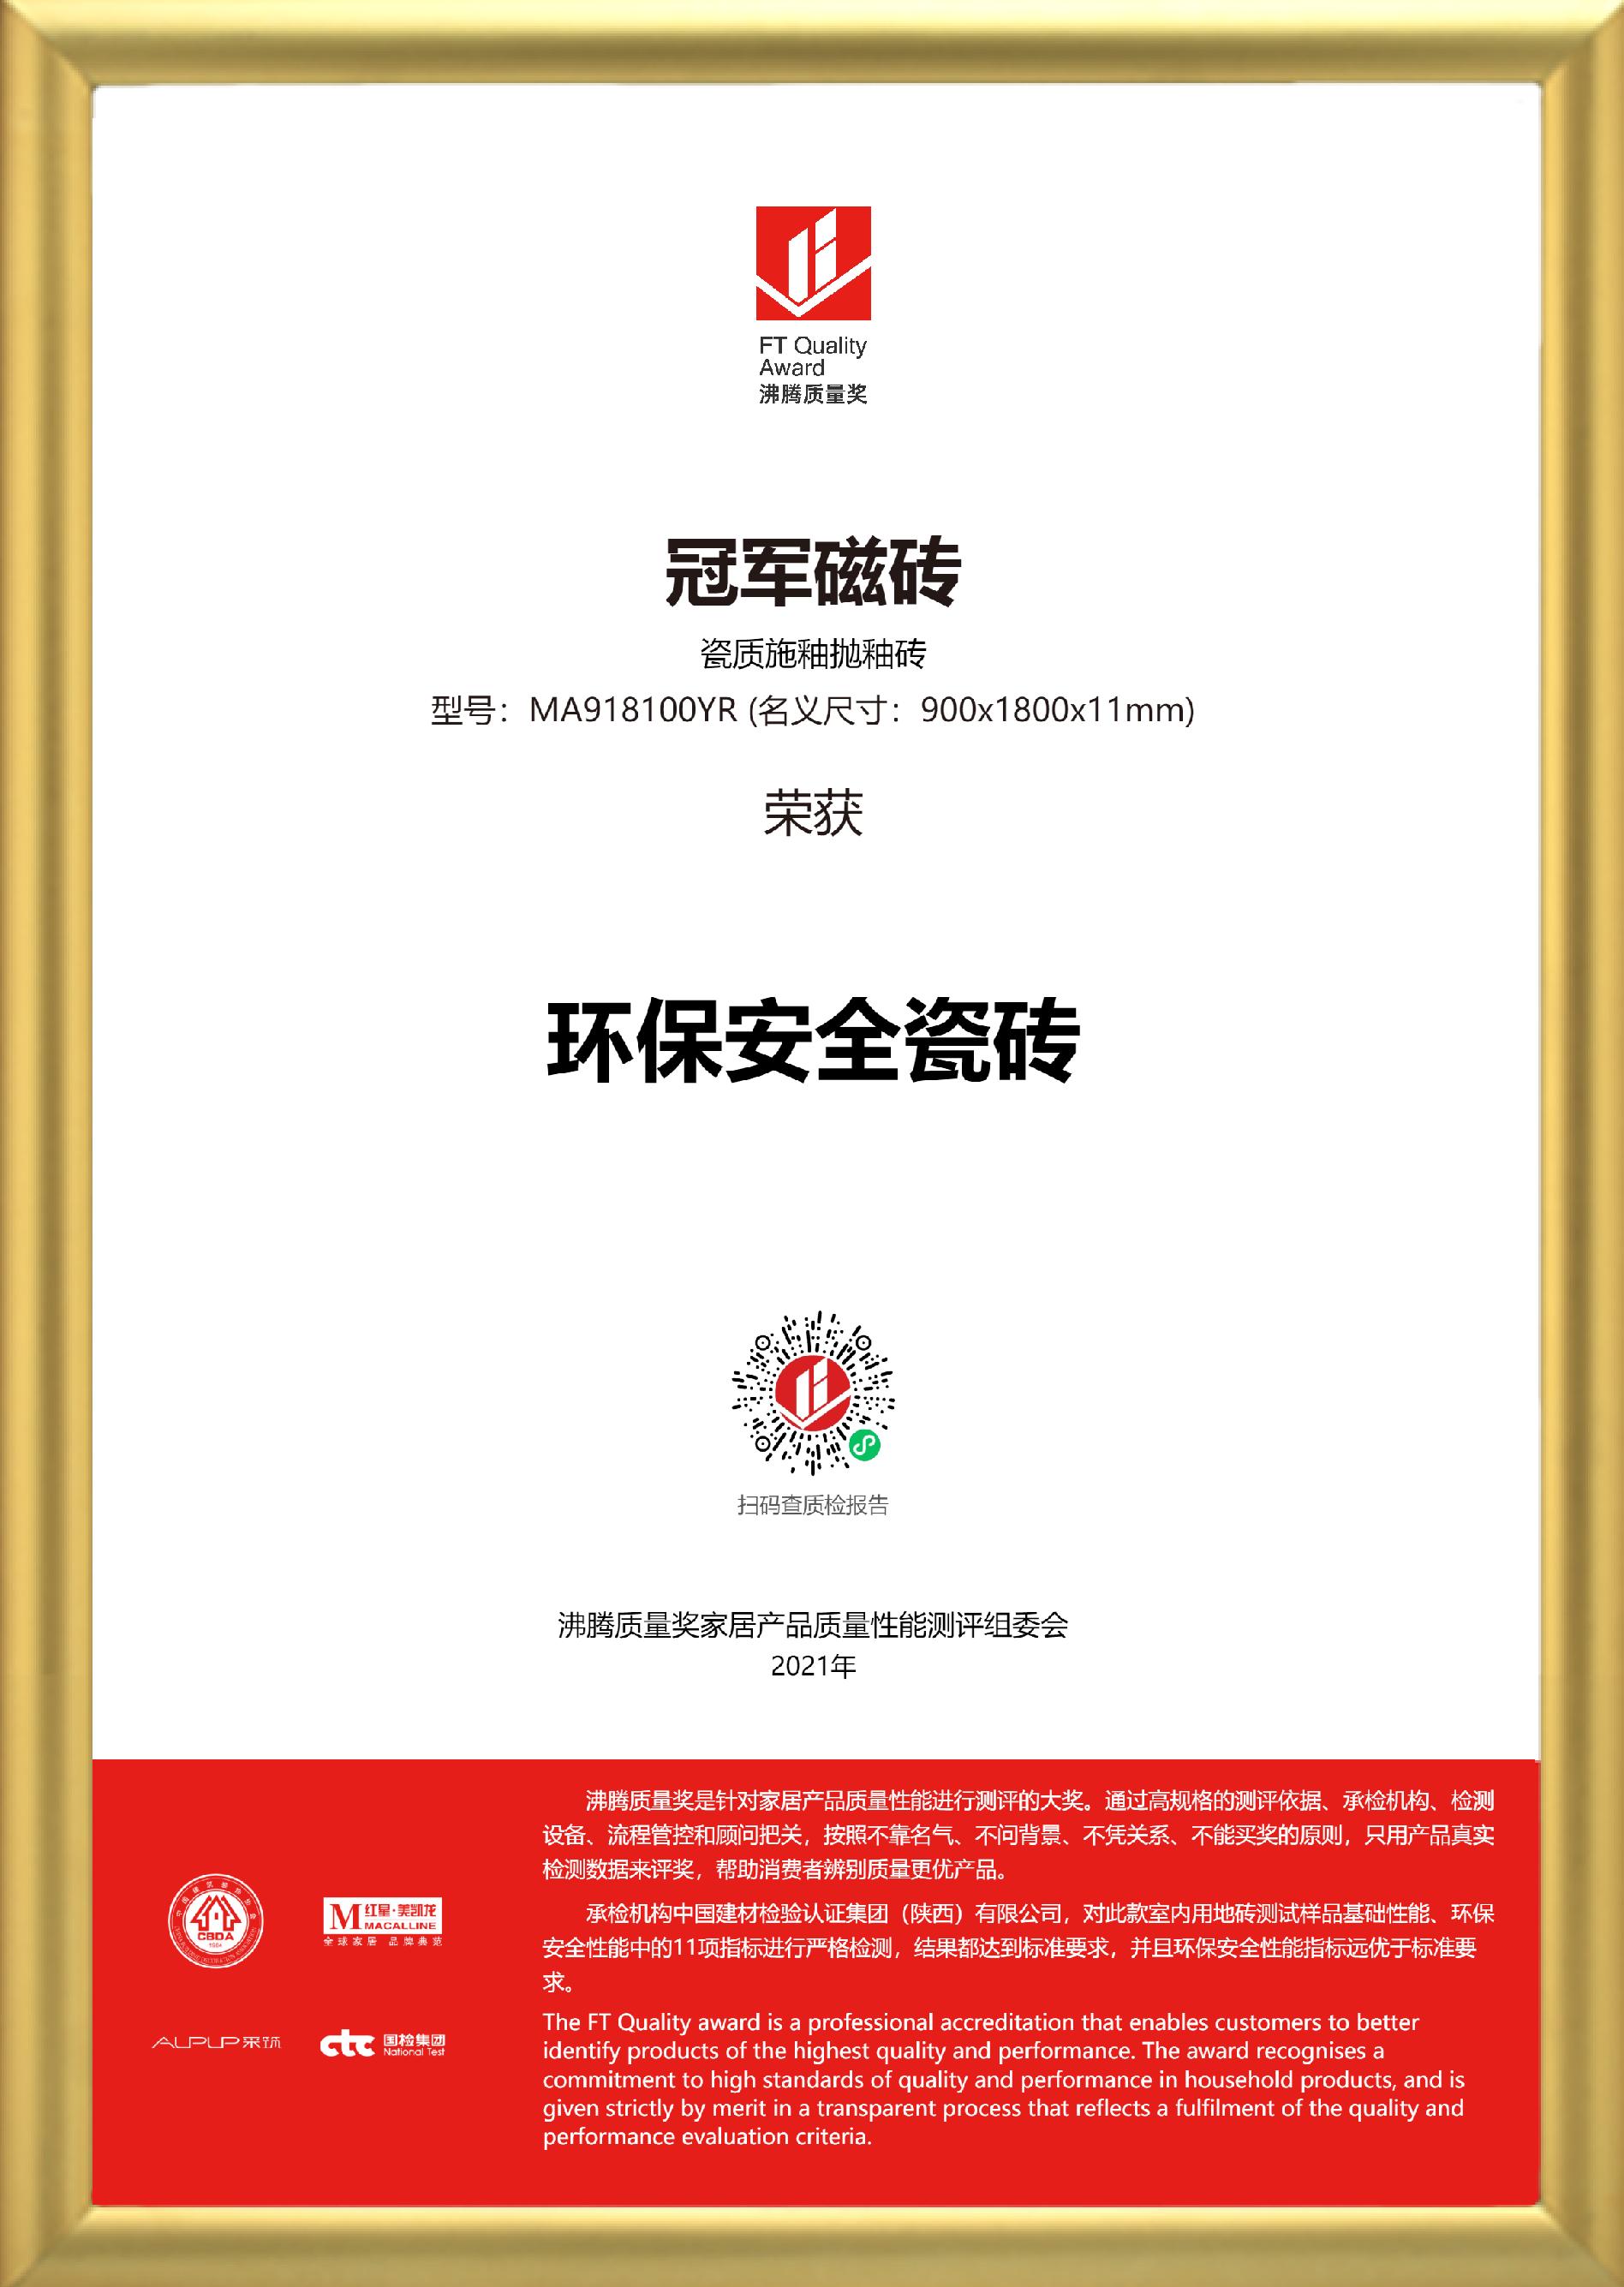 金框加持-获奖证书-冠军磁砖--室内用地砖-MA918100YR (名义尺寸:900x1800x11mm).png